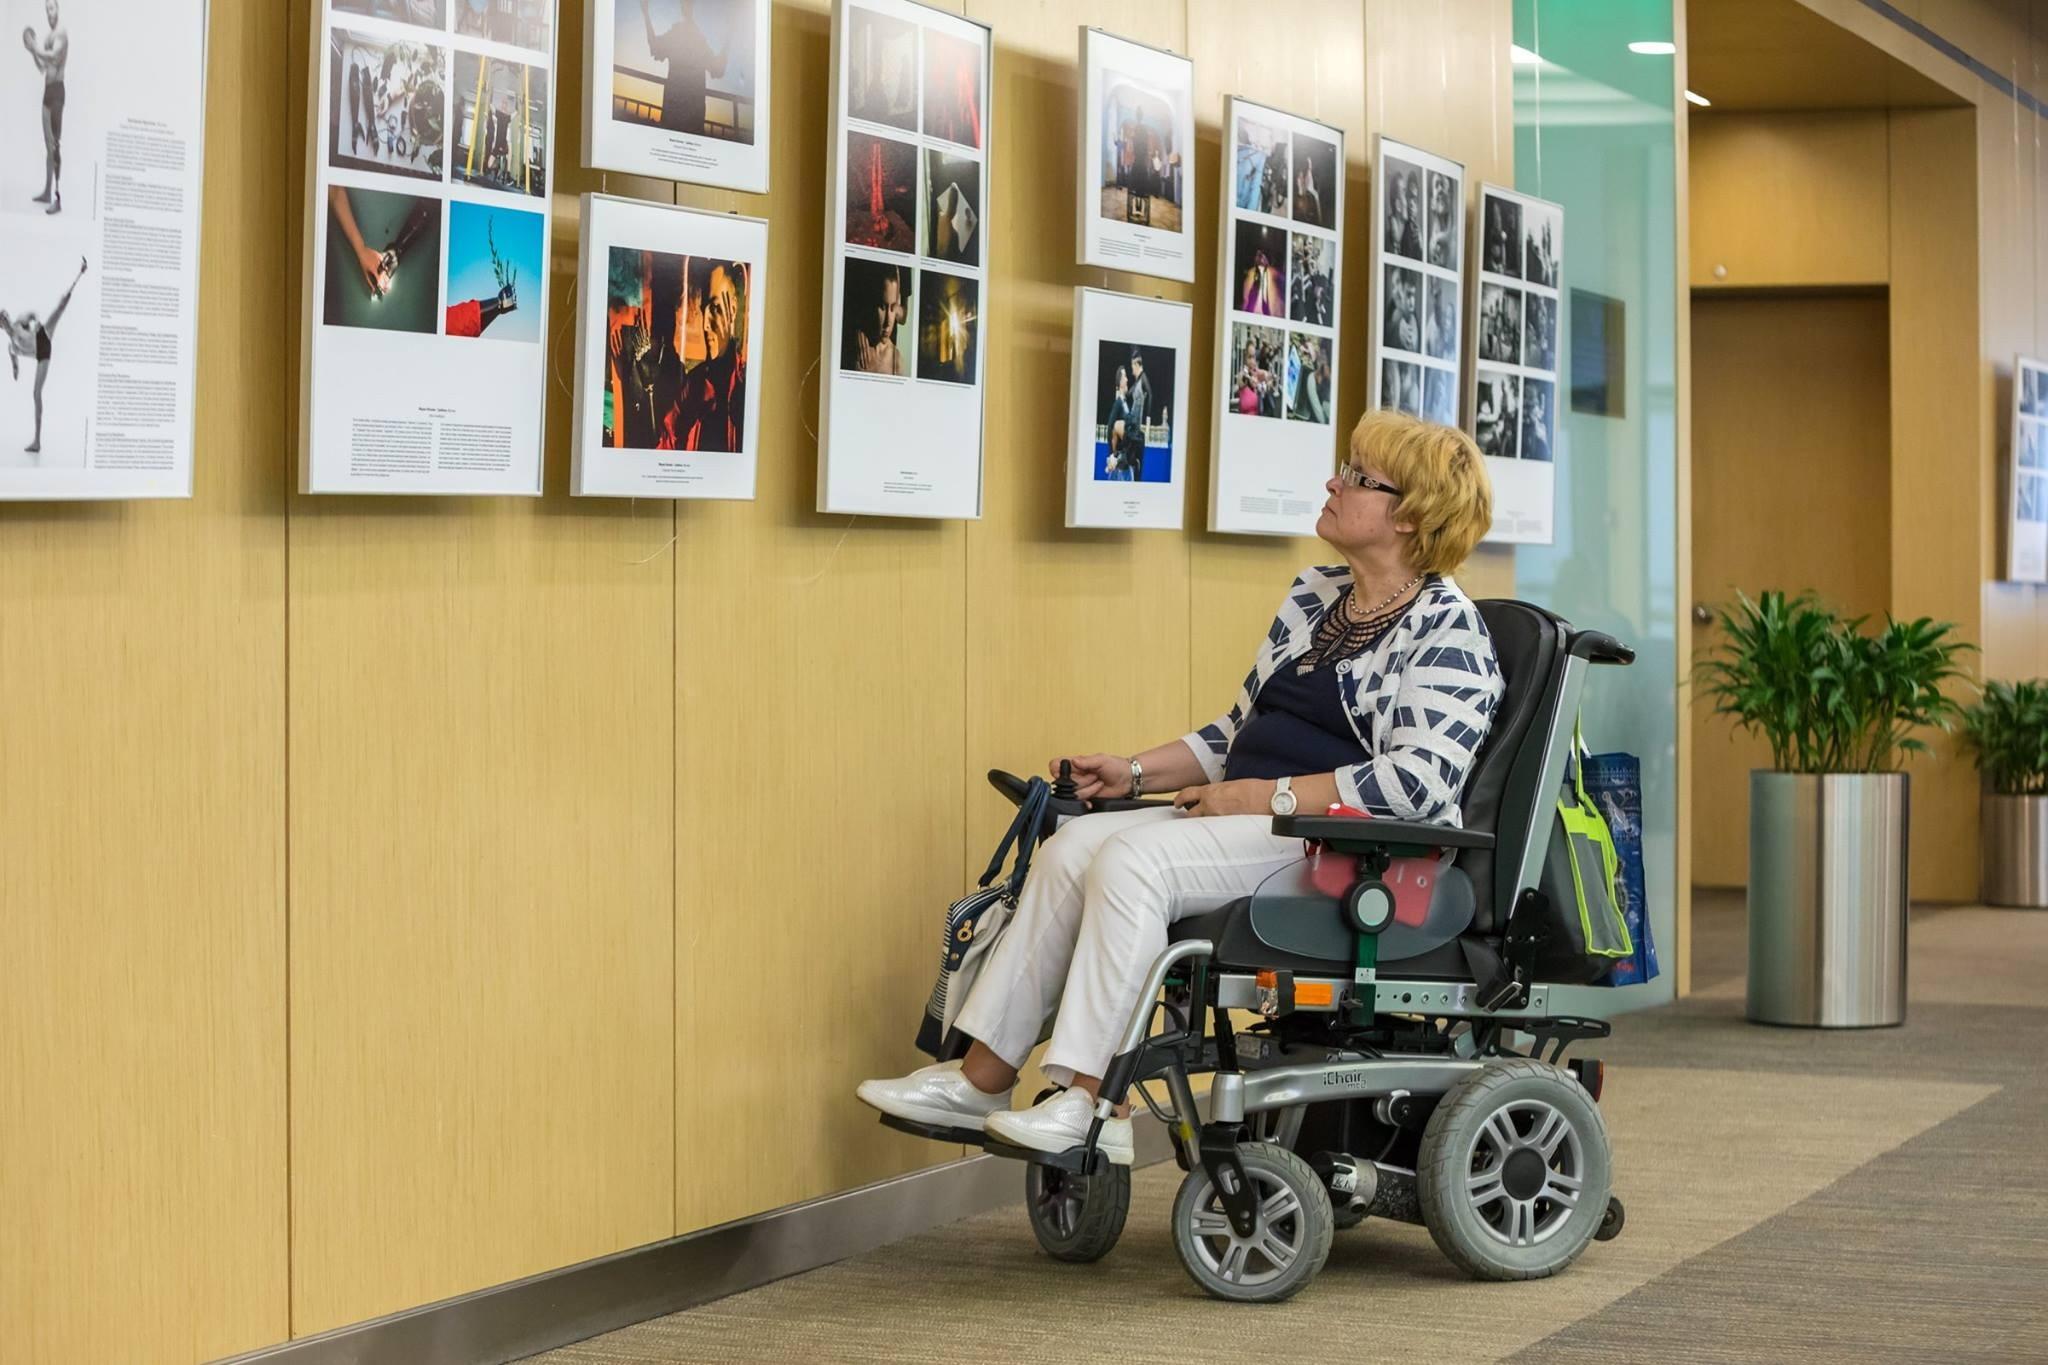 VIII Всероссийский фотоконкурс о жизни инвалидов  «Без барьеров»